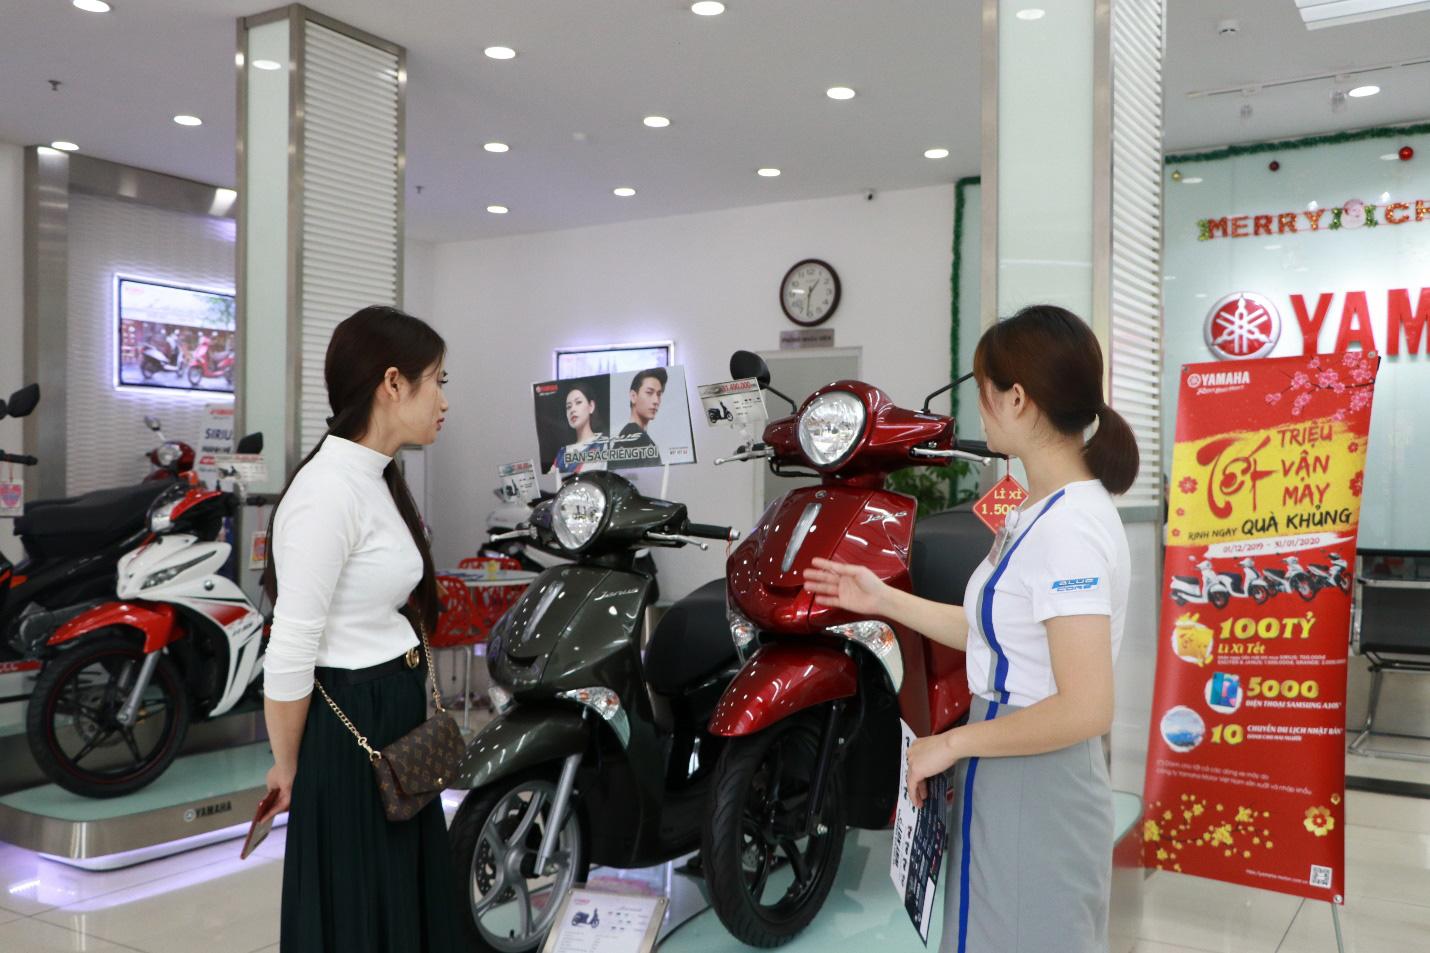 Lộ diện chủ nhân may mắn trúng chuyến du lịch Nhật Bản khi mua xe Yamaha - Ảnh 1.